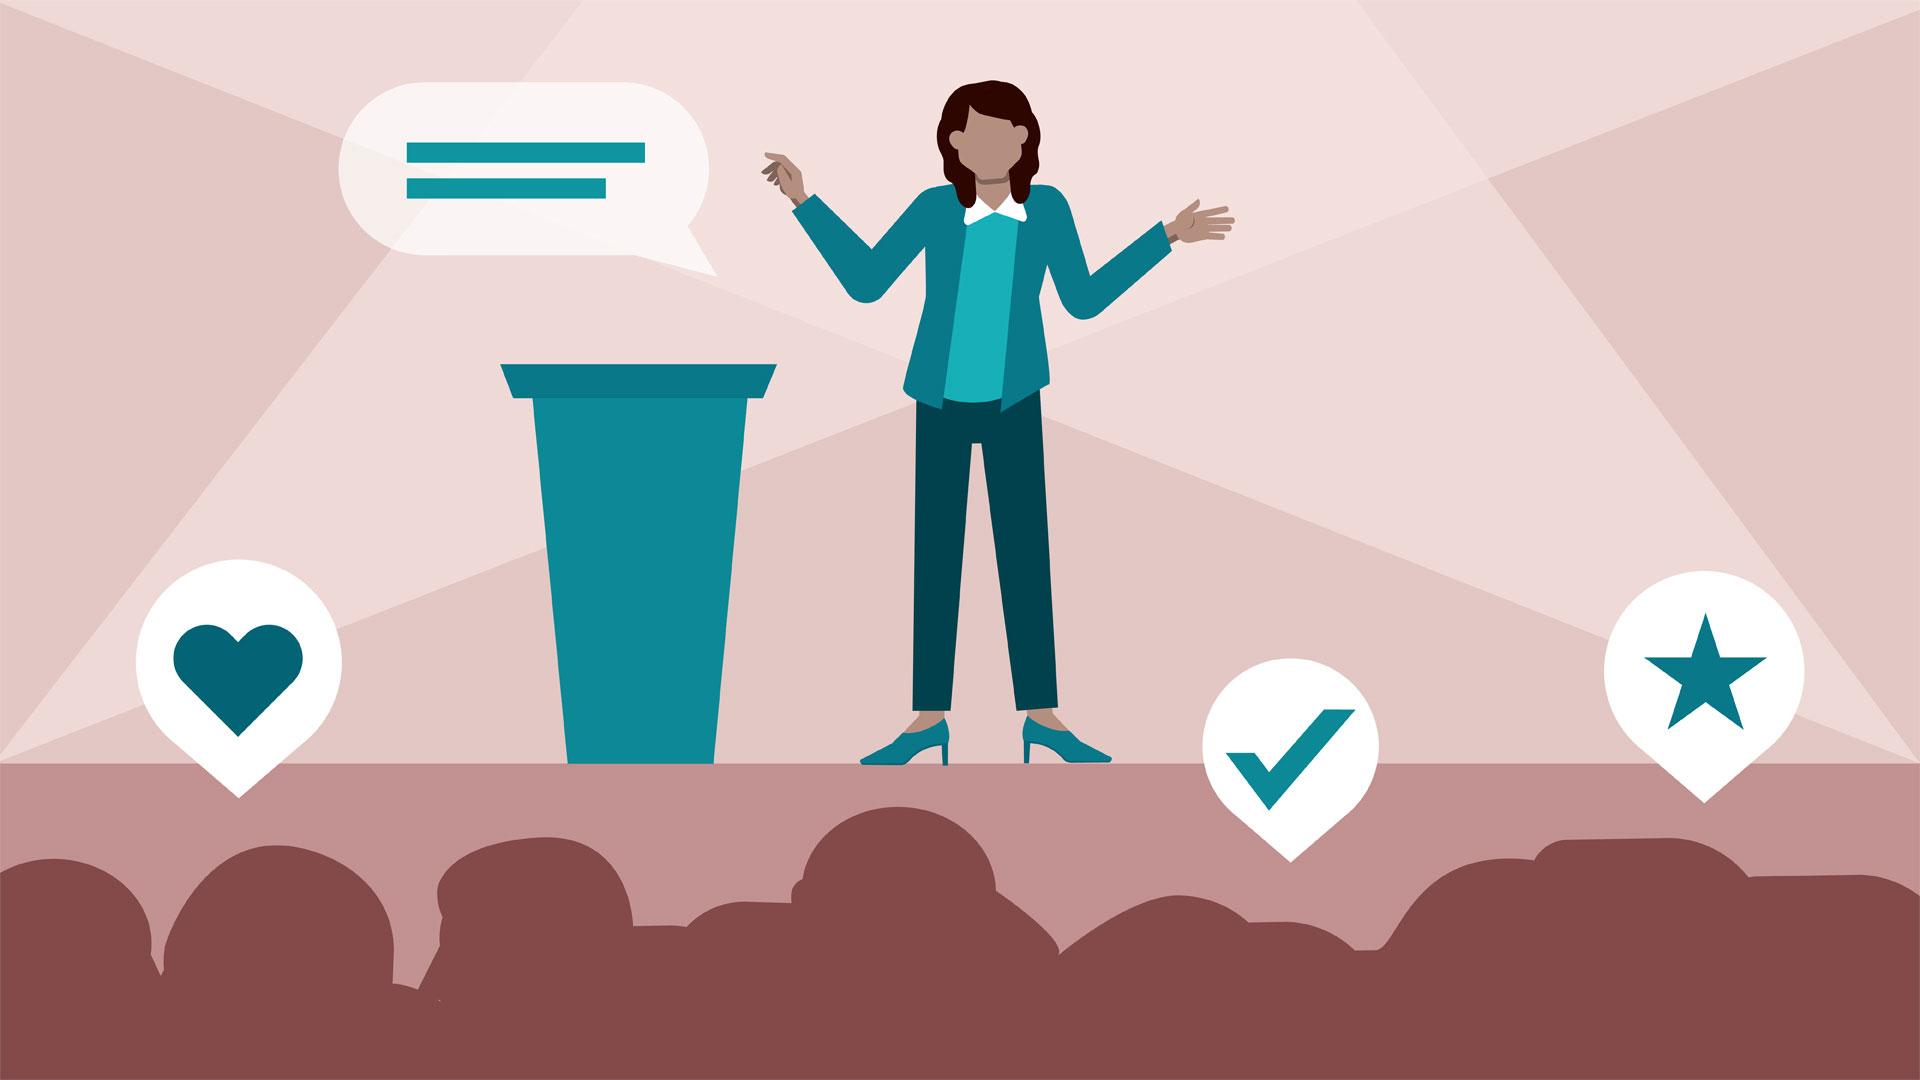 2 Nguyên tắc cơ bản trong kỹ năng thuyết trình - Munkas Agency